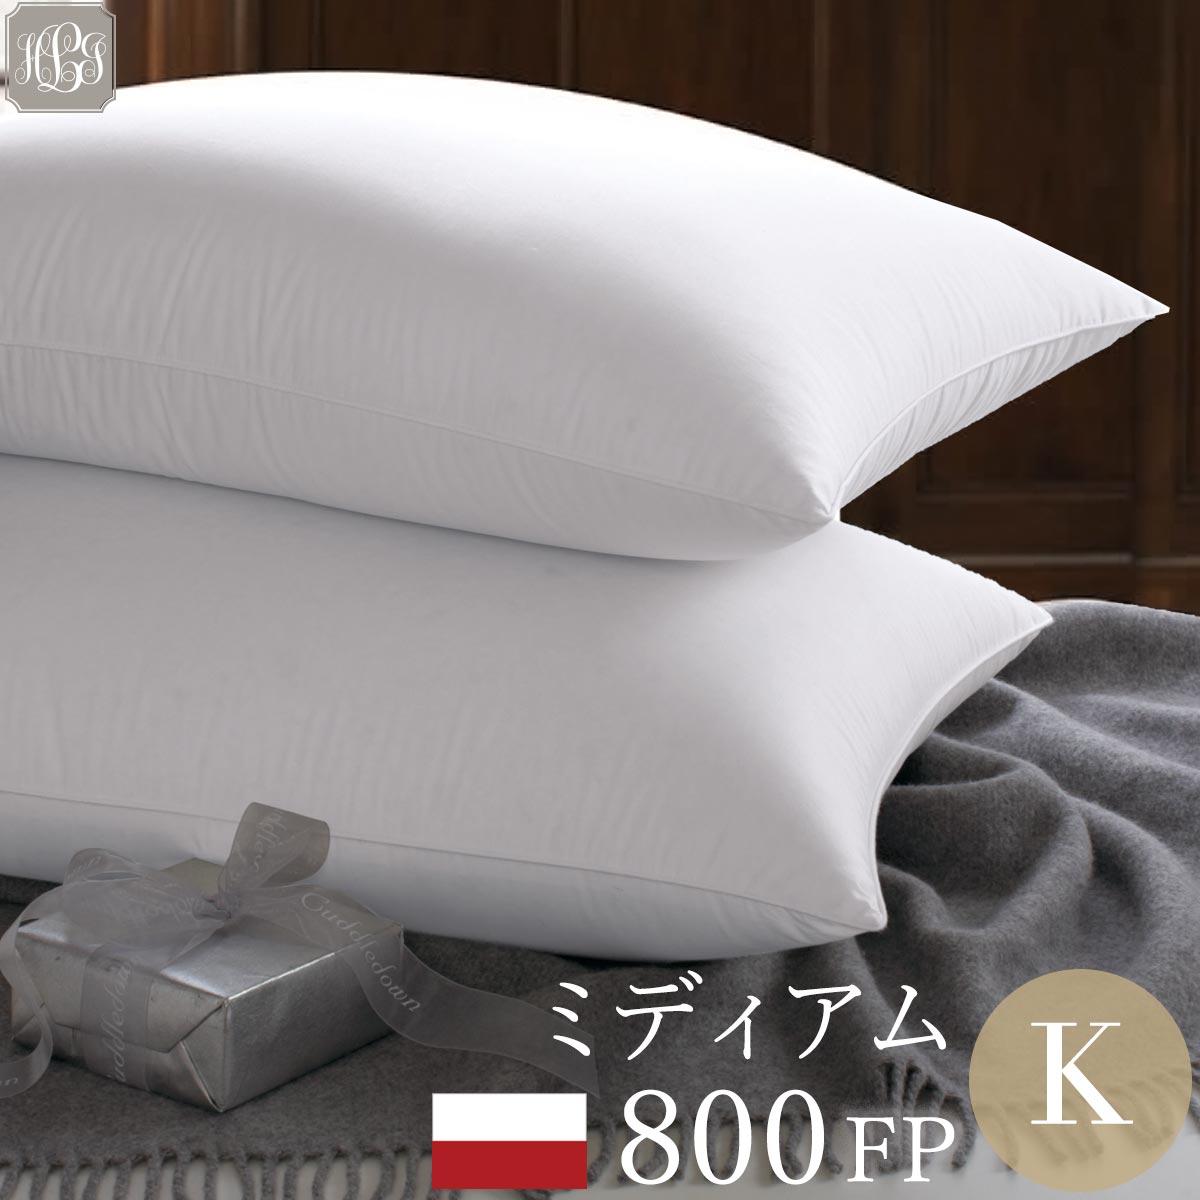 羽毛枕 キング 50cmx91cm ミディアム 800フィルパワーポーランド産ホワイトマザーグースダウンピロー 送料無料